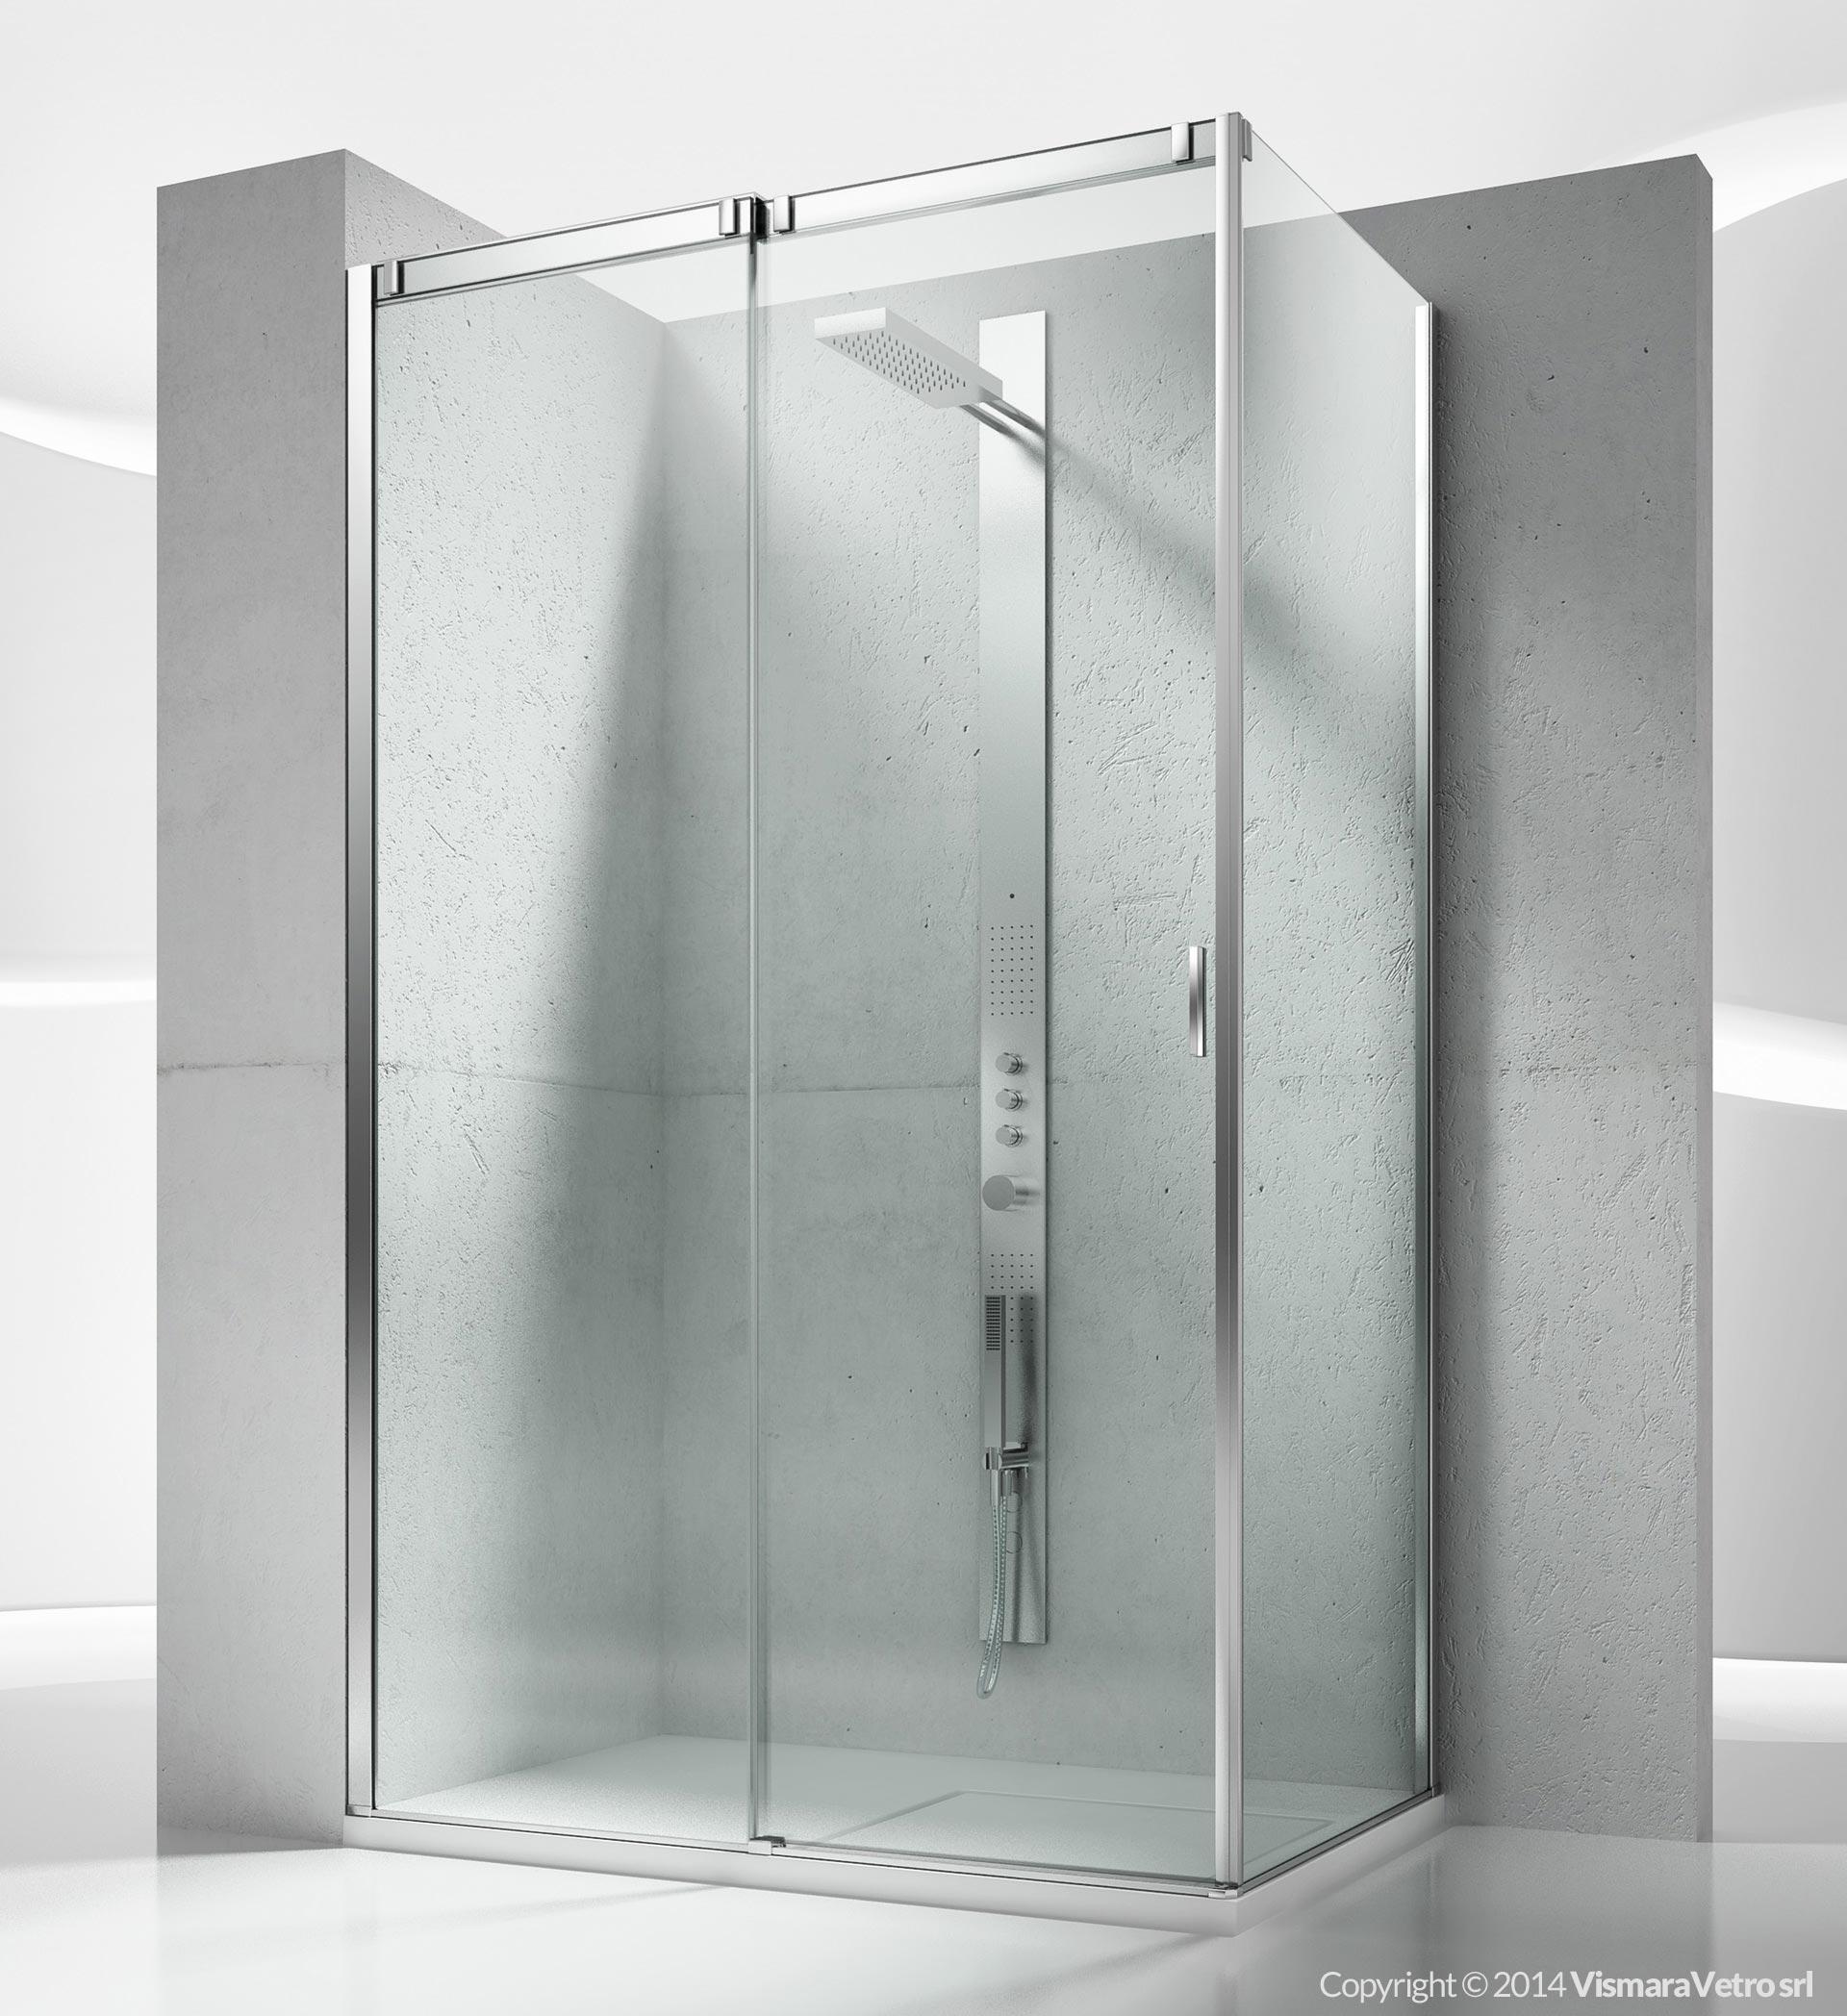 Vq vf slide cabine de douche pour salle de bains avec ouverture coulissante - Mondial box doccia ...